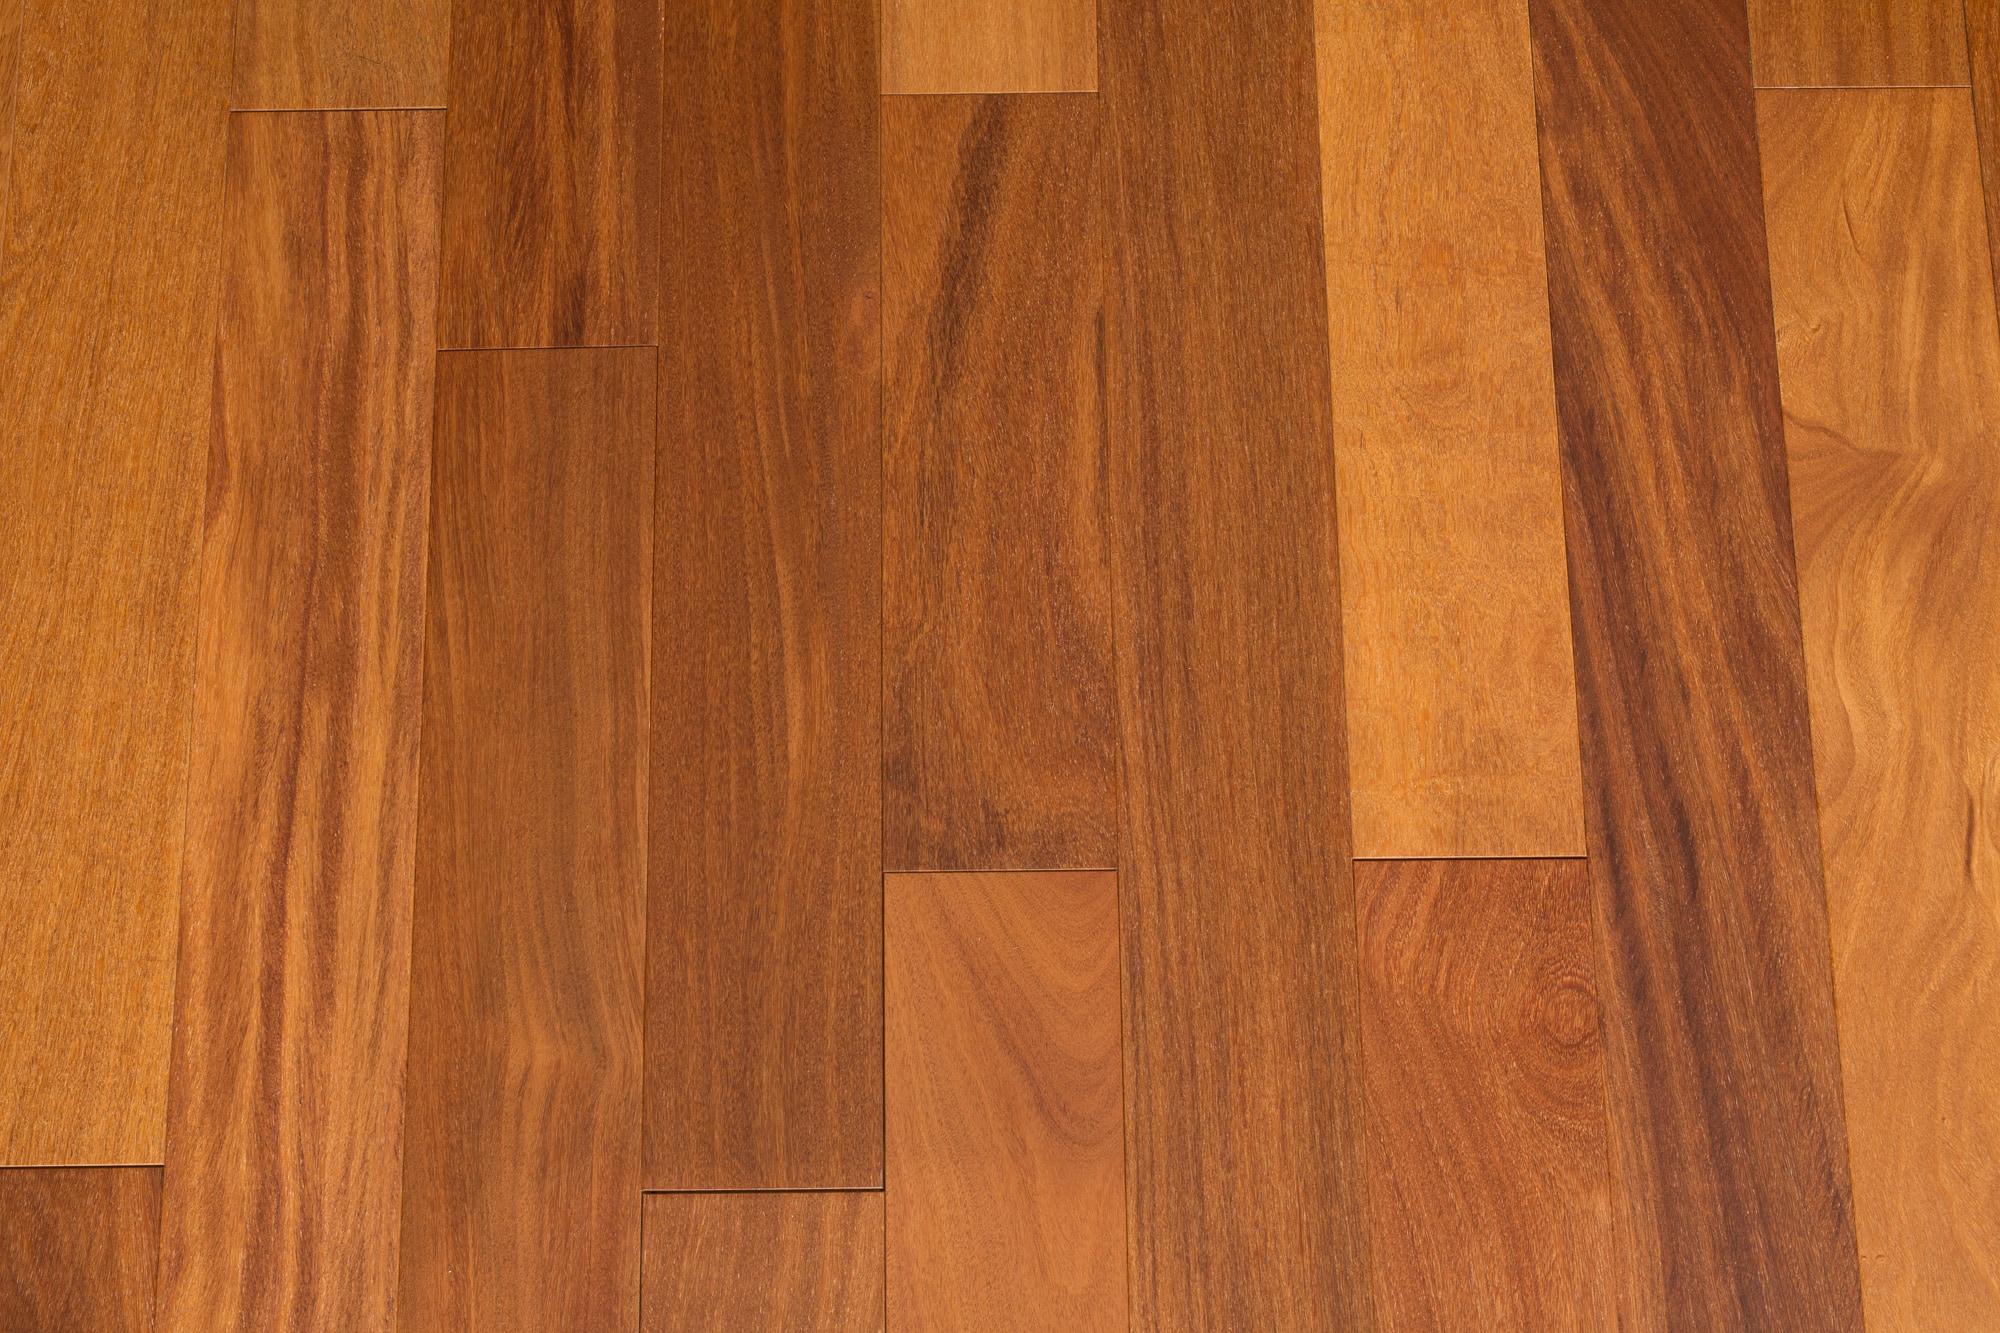 Amarana Park Unfinished Exotics Brazilian Teak  CUMARU  Clear - Brazilian teak hardwood flooring